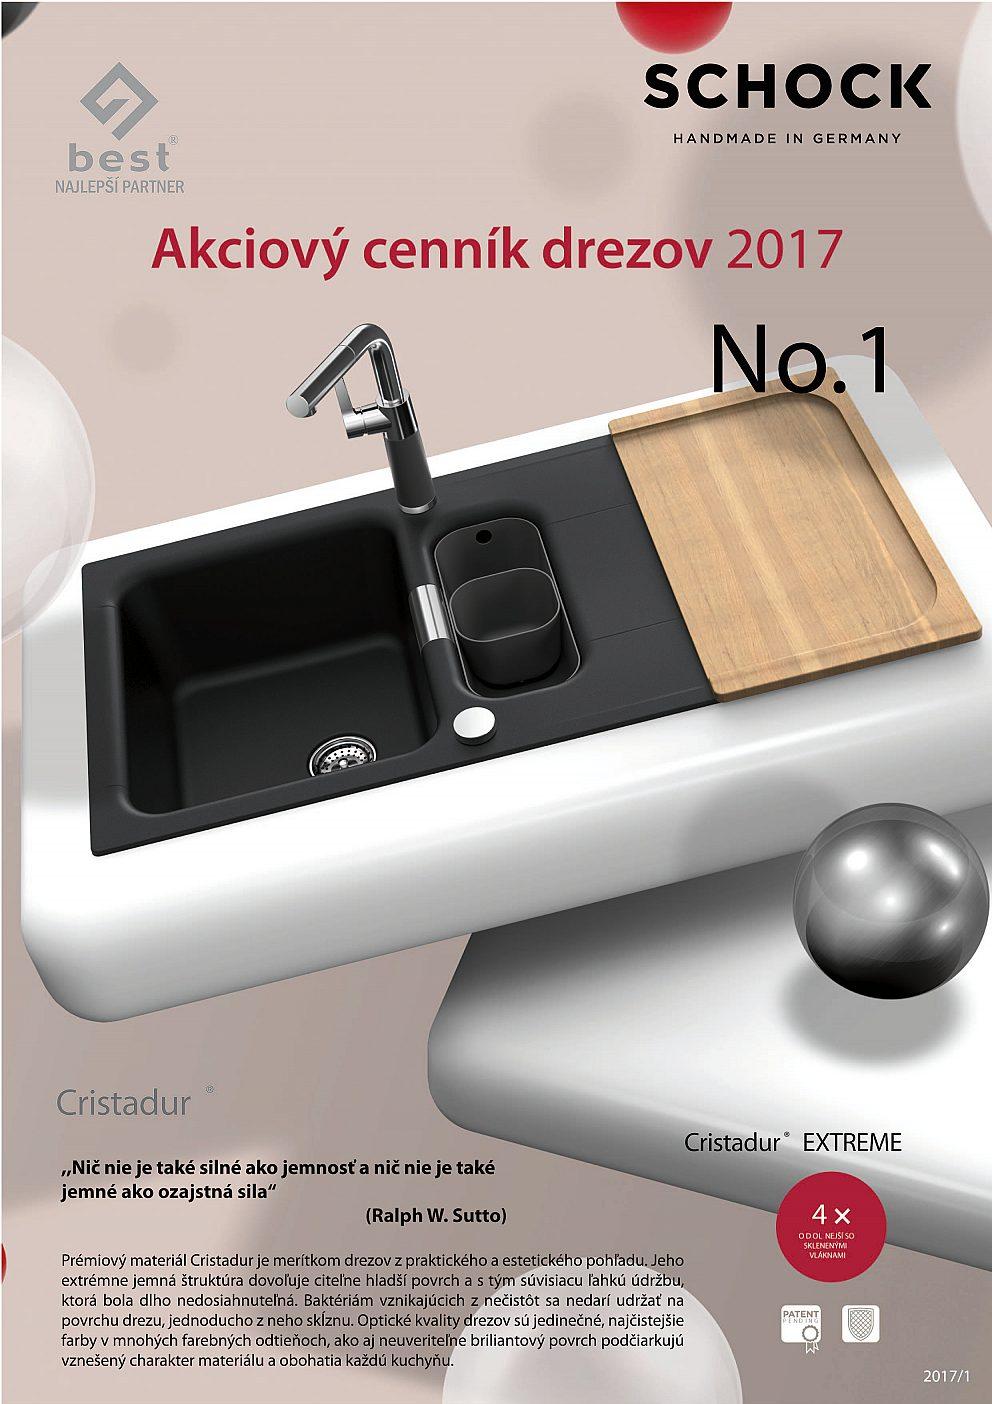 SCHOCK - Akciový leták drezy a batérie 2017